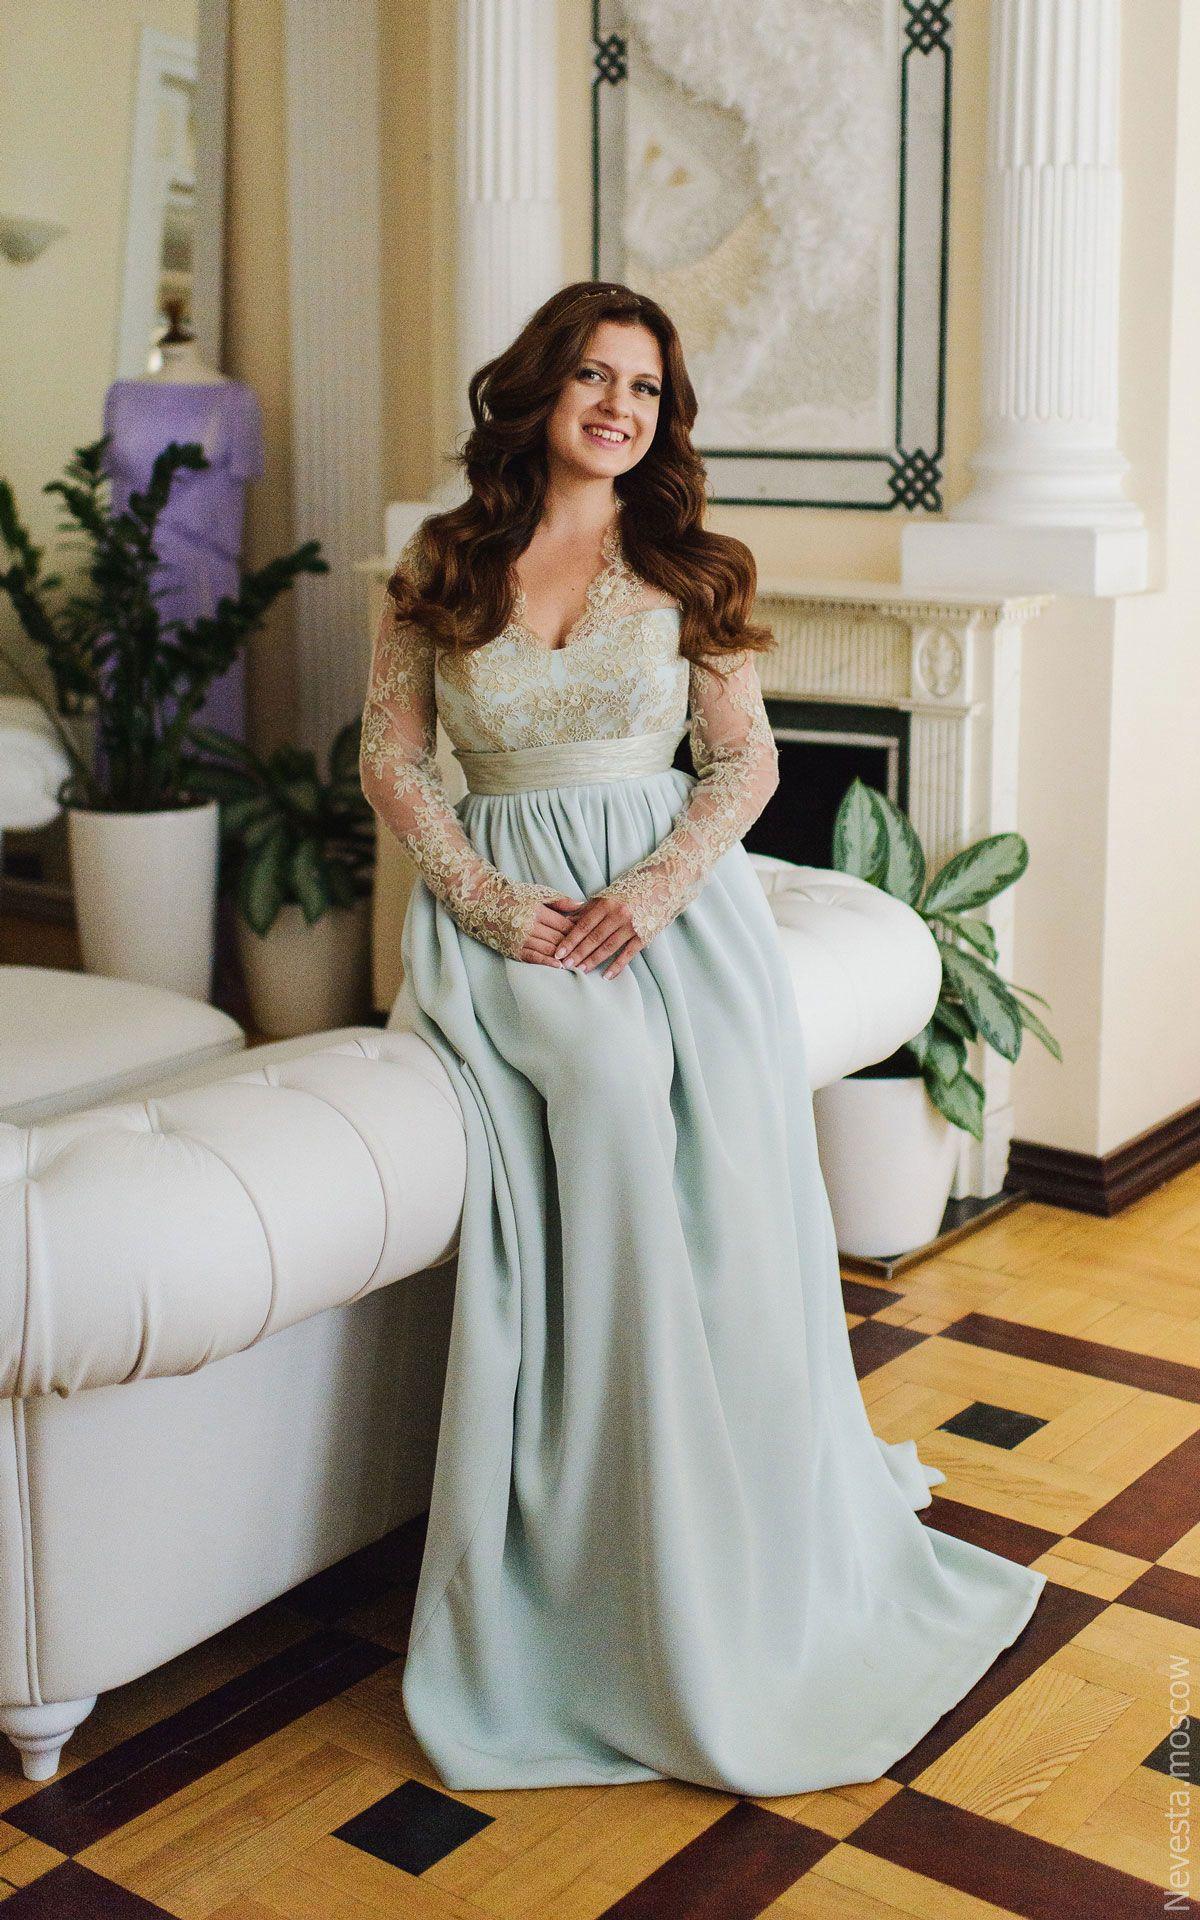 Анастасия Денисова примеряет свадебное платье фото 9